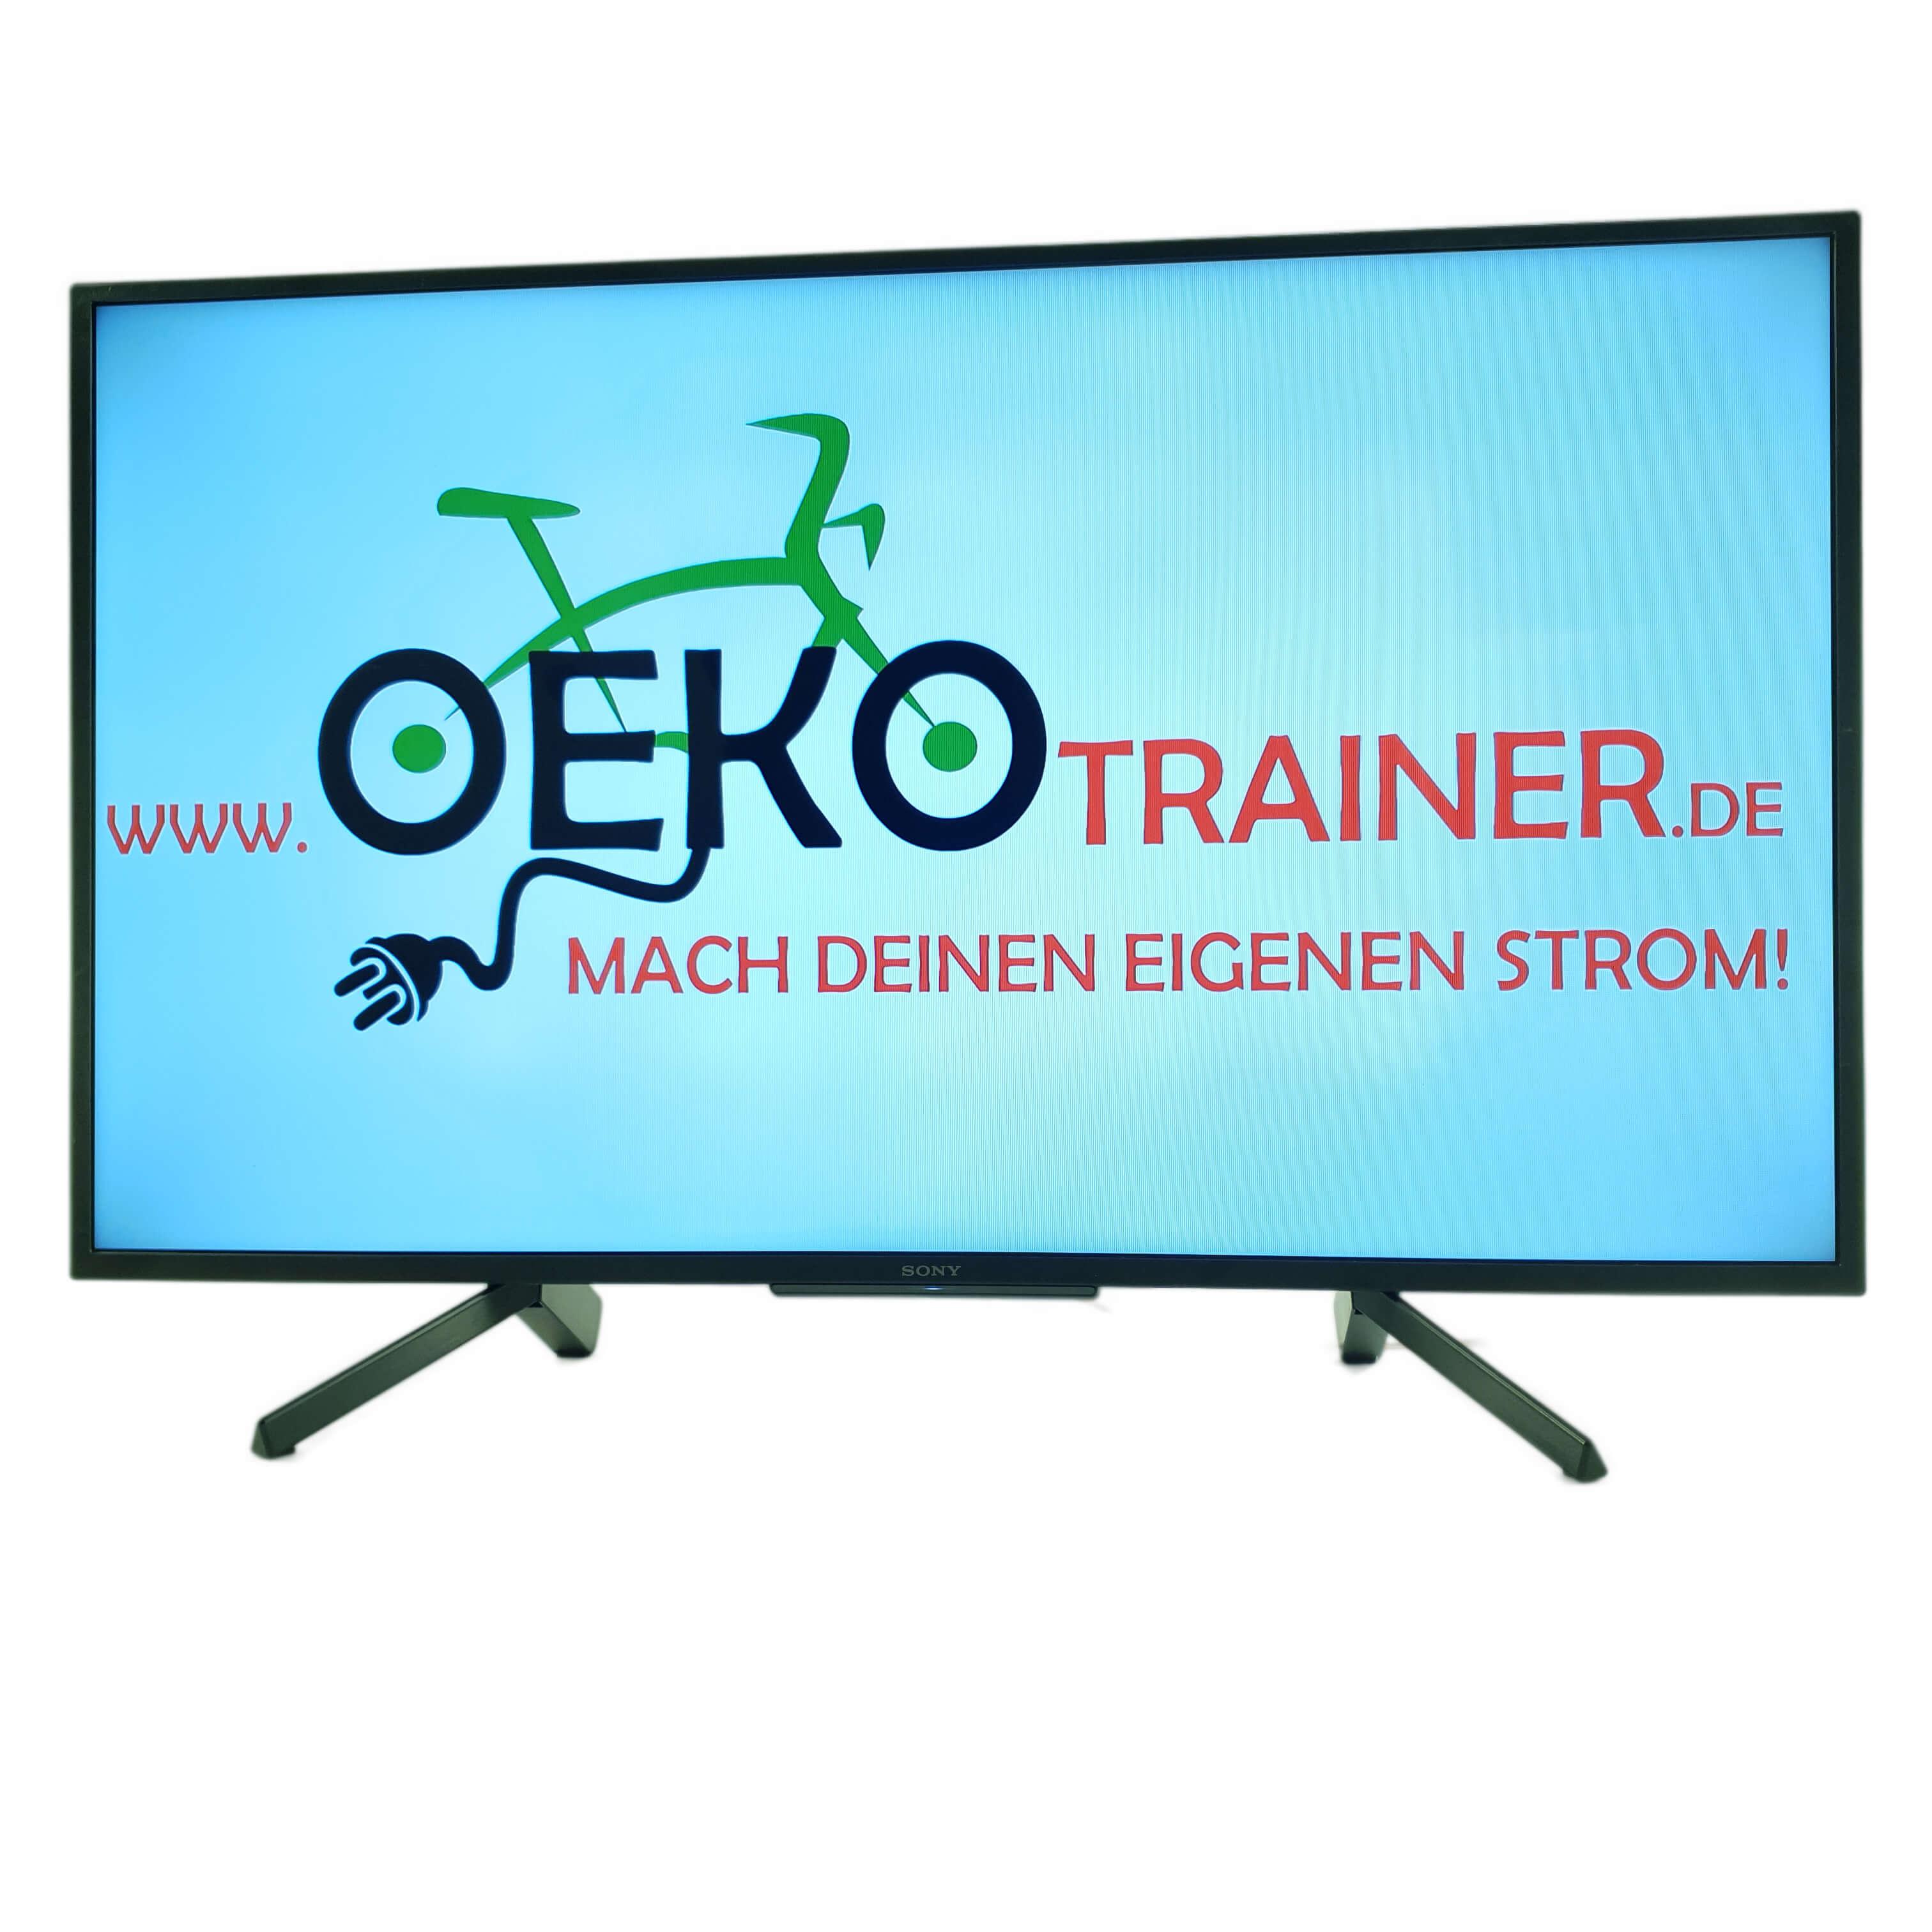 Der VideoScreen ist ein 43 Zoll (1,09 m) Flachbildschirm, der mit einem Oekotrainer betrieben werden kann.